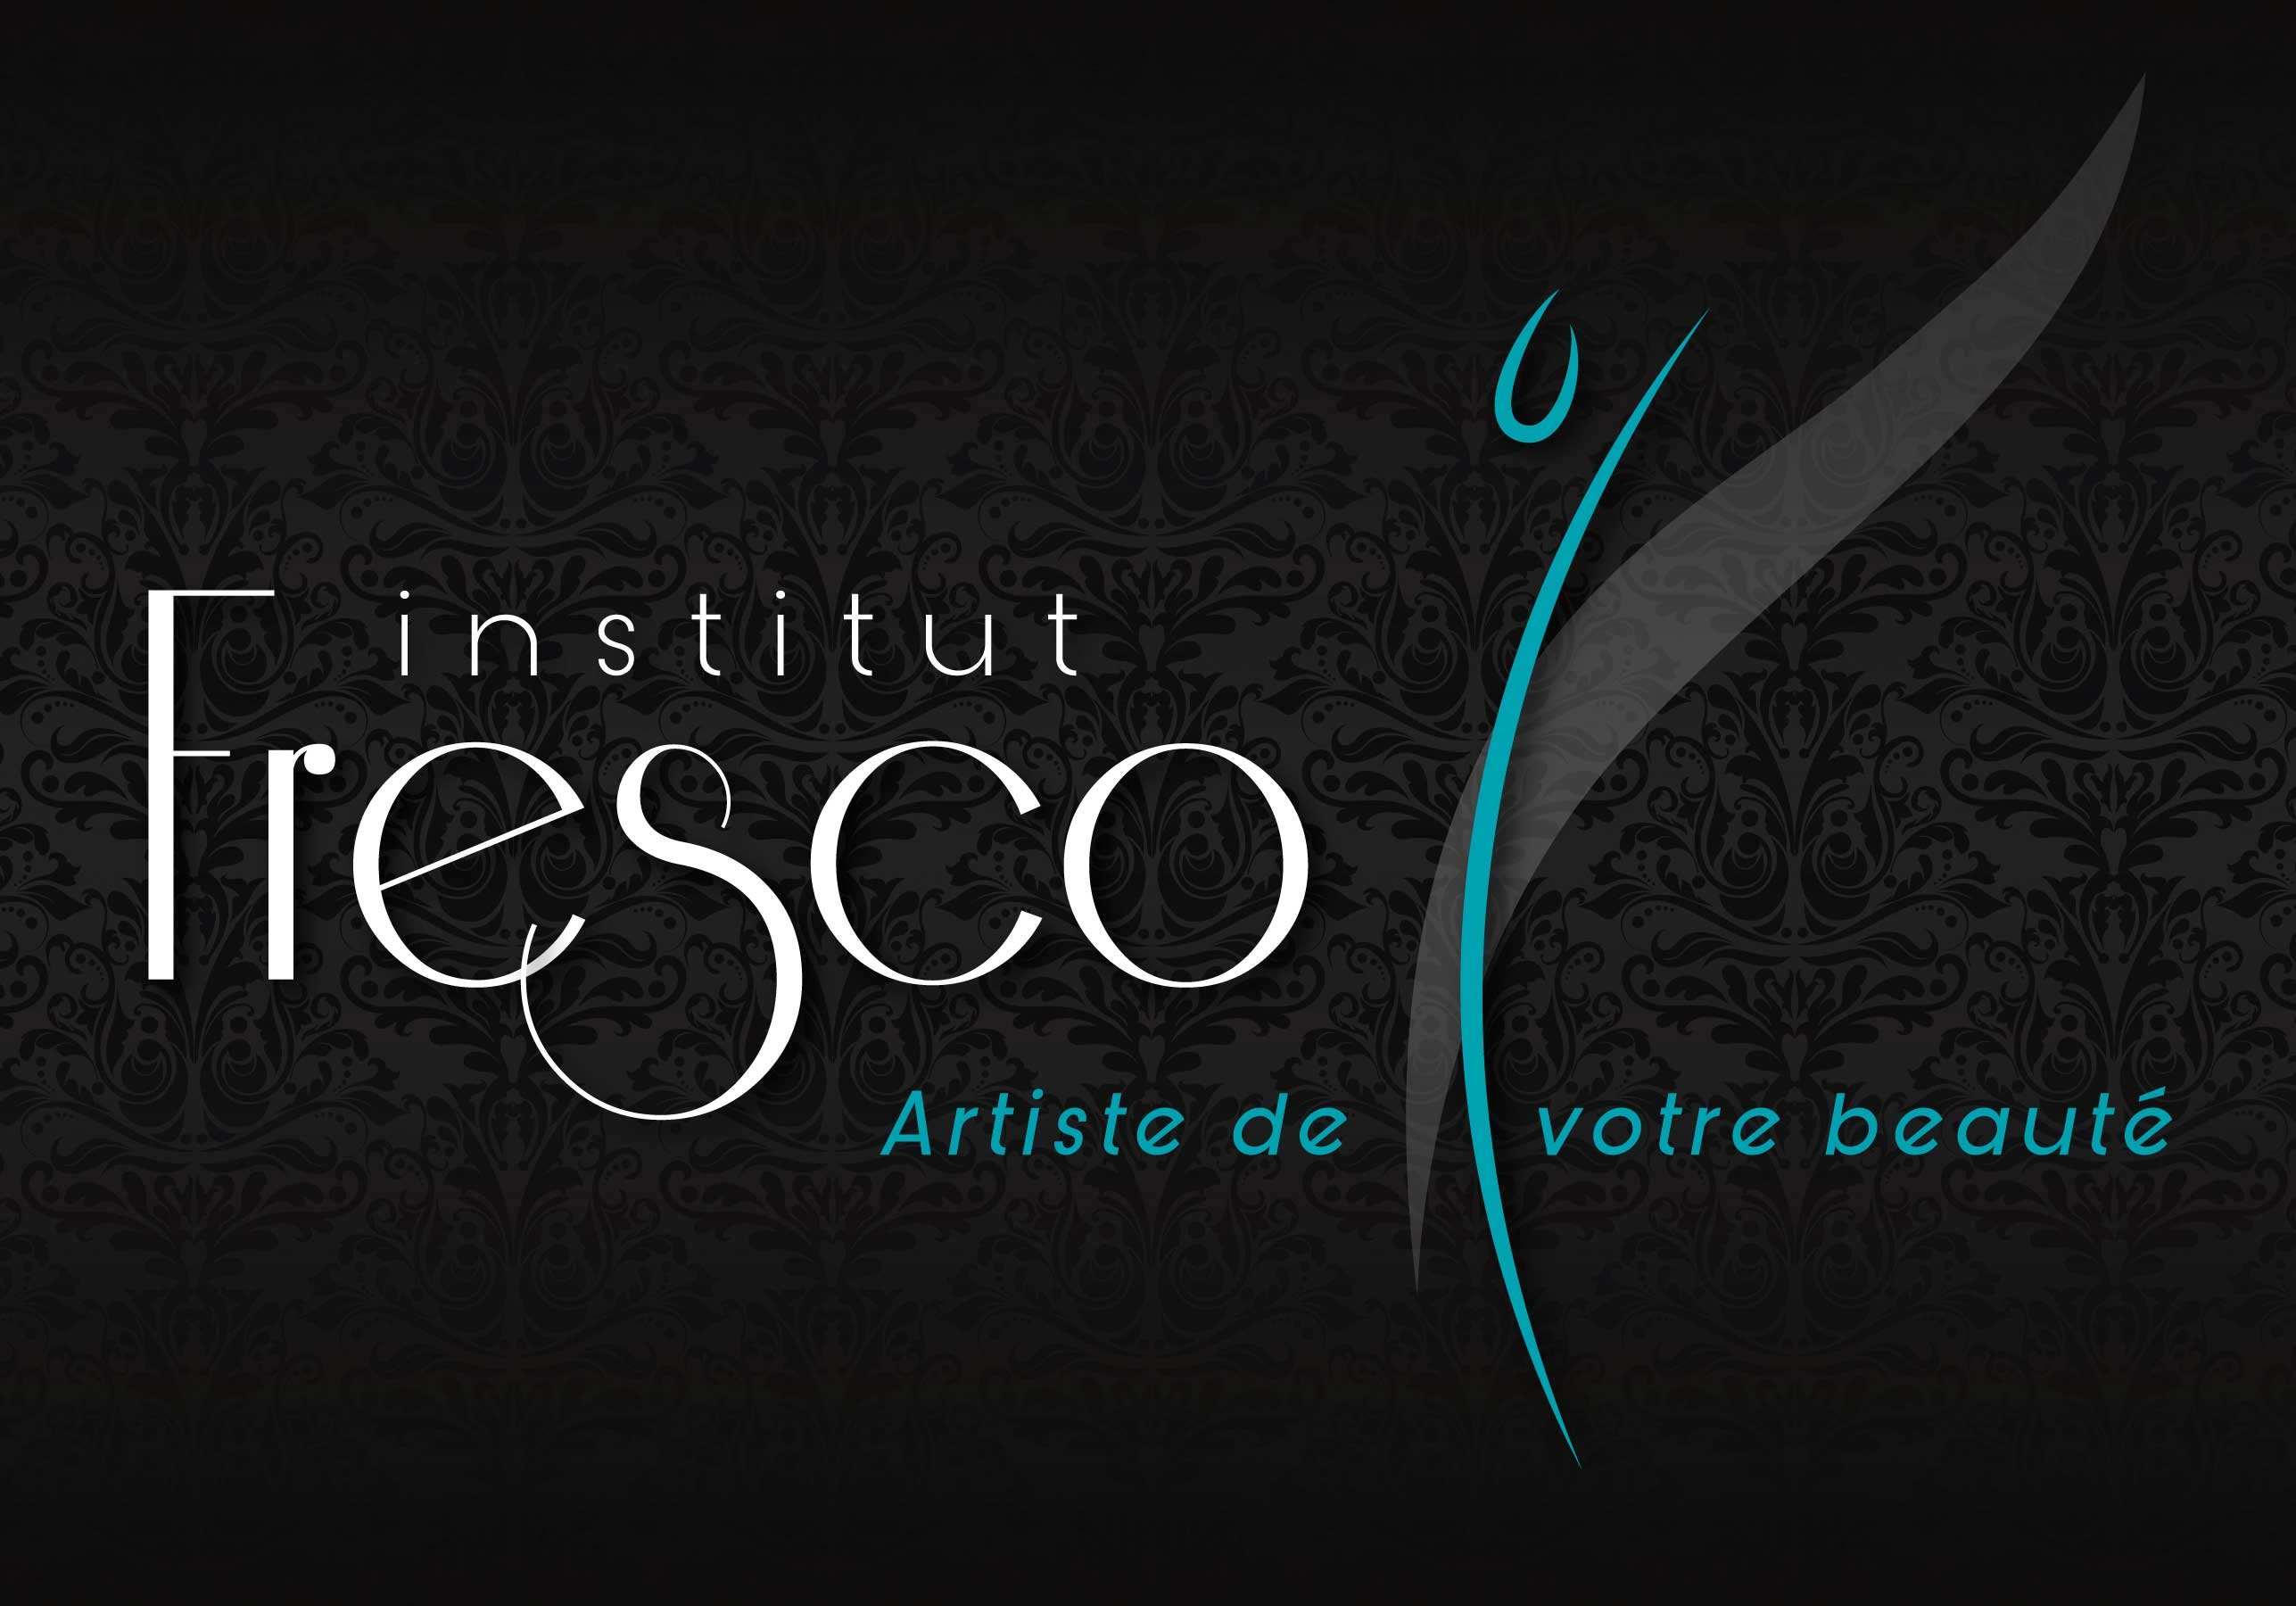 Conception graphique du logo de l'Institut Fresco